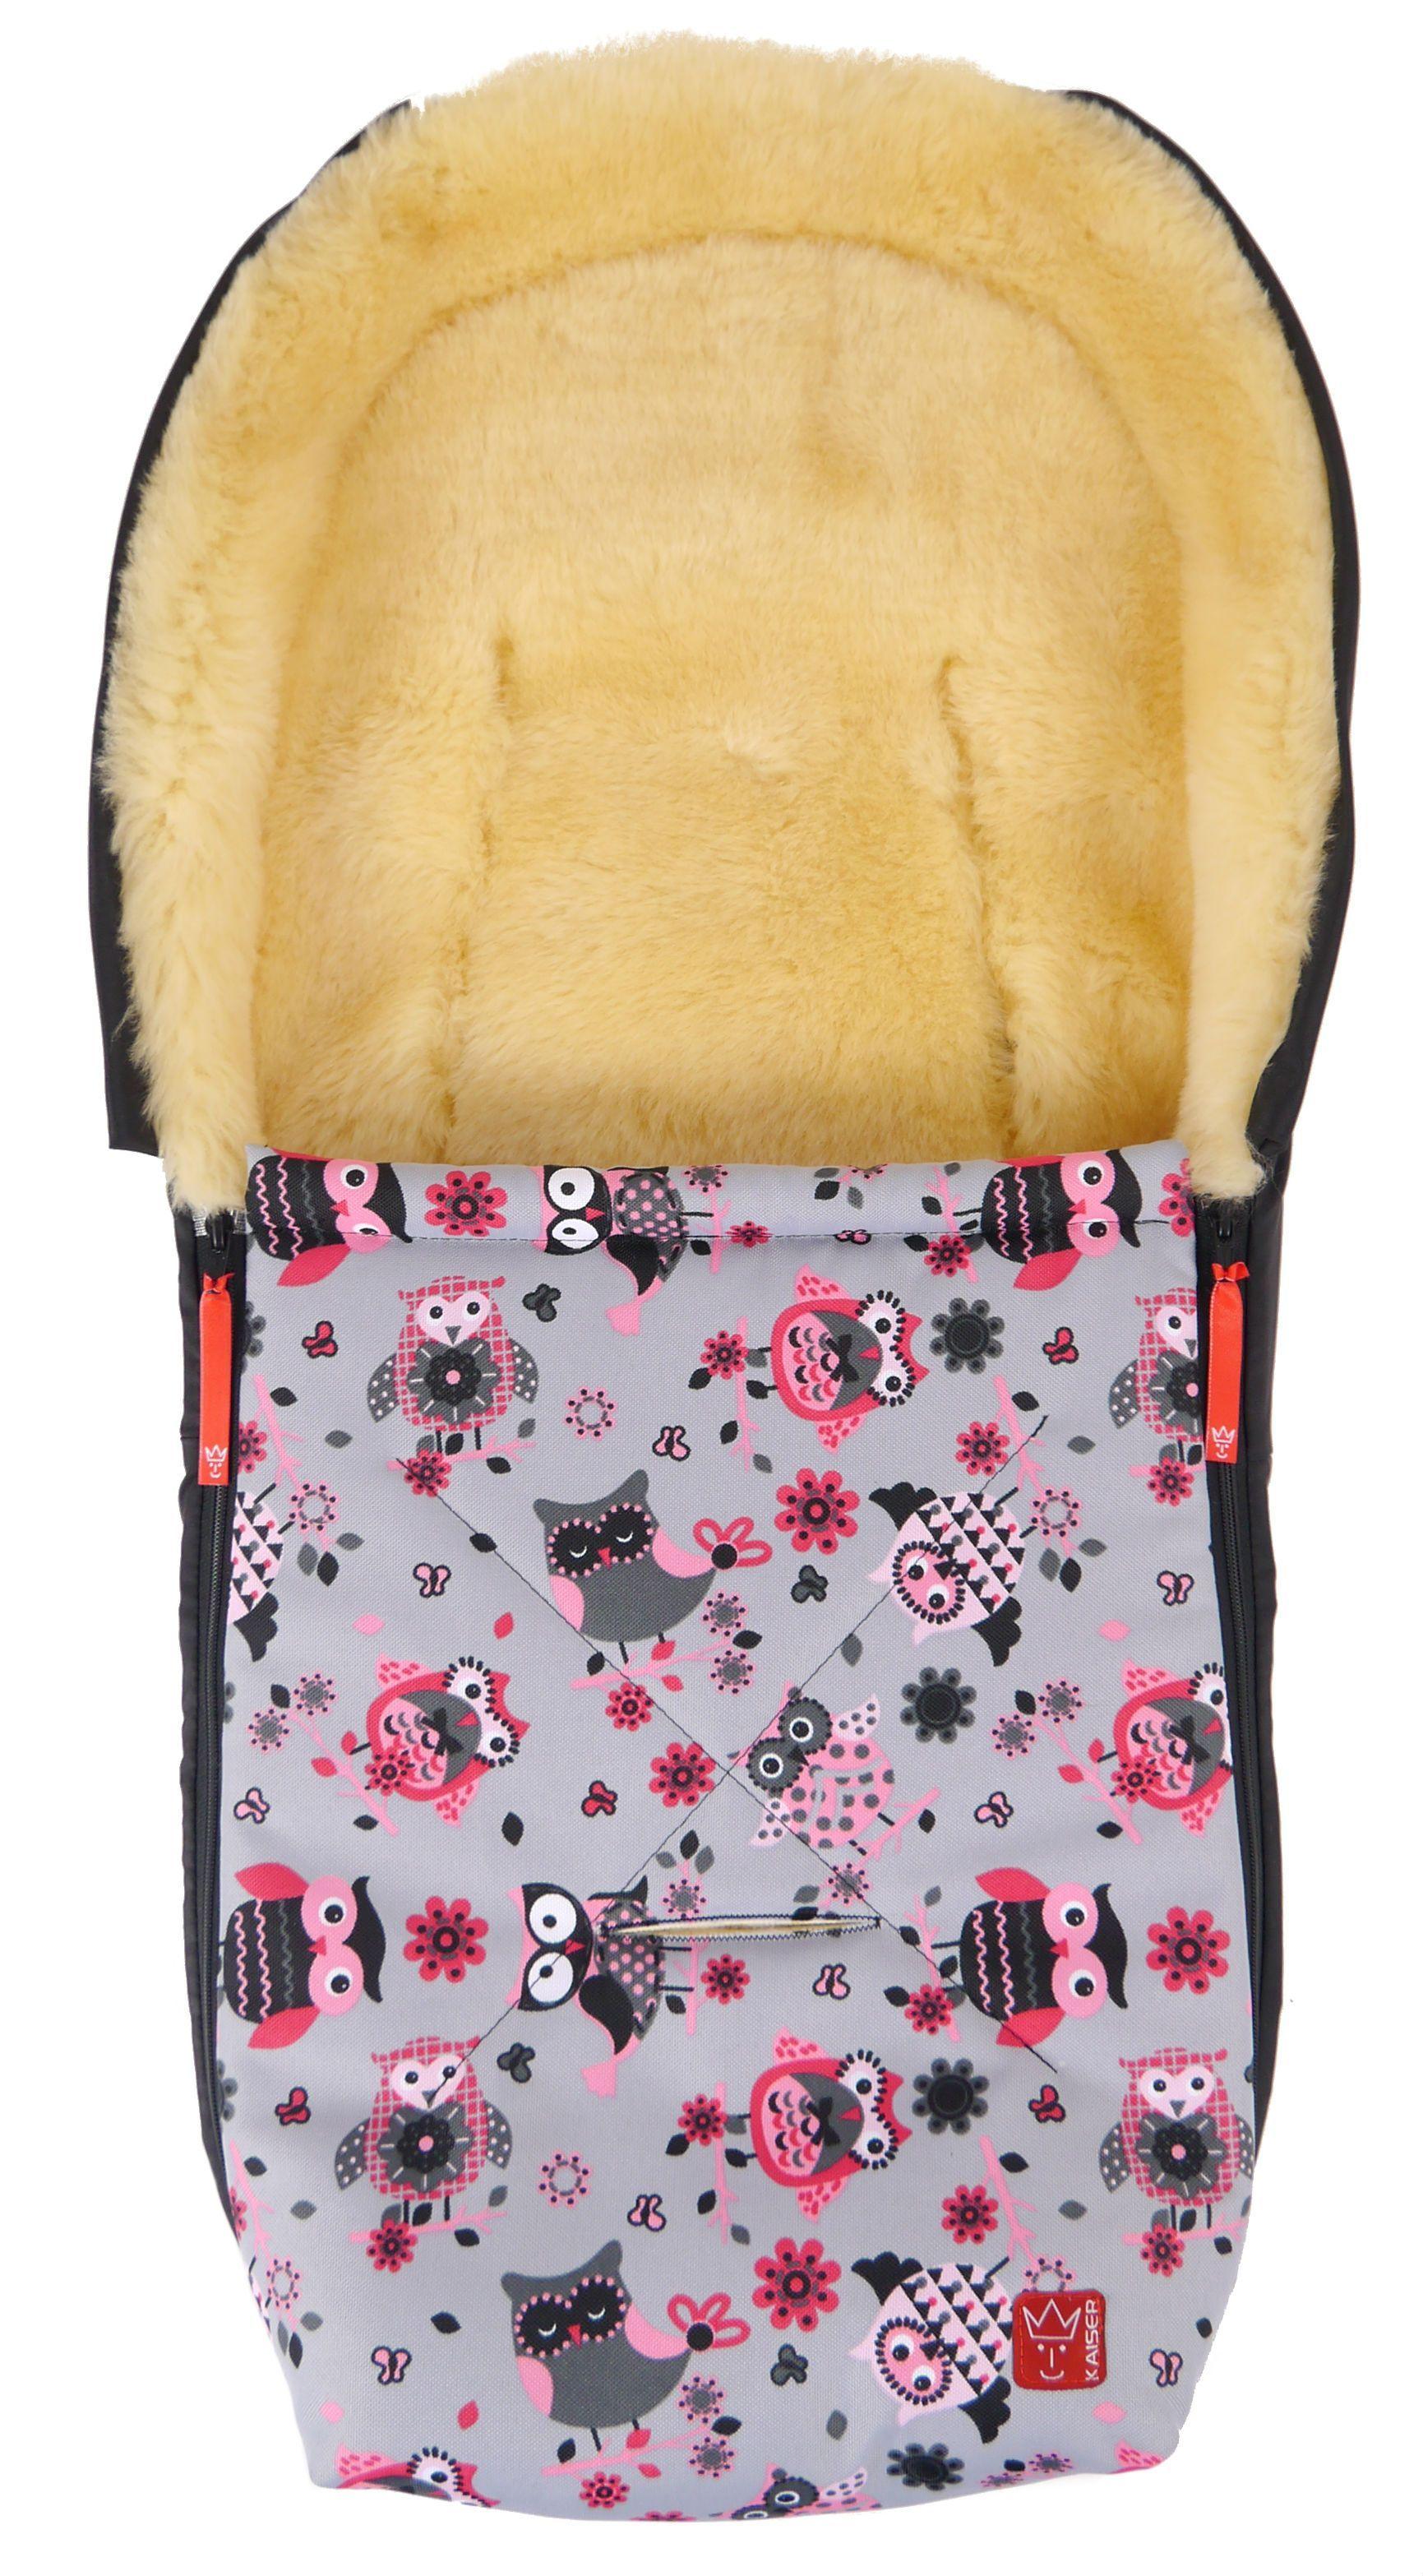 Baby kørepose m. lammeskind - Emma - Pink Owls